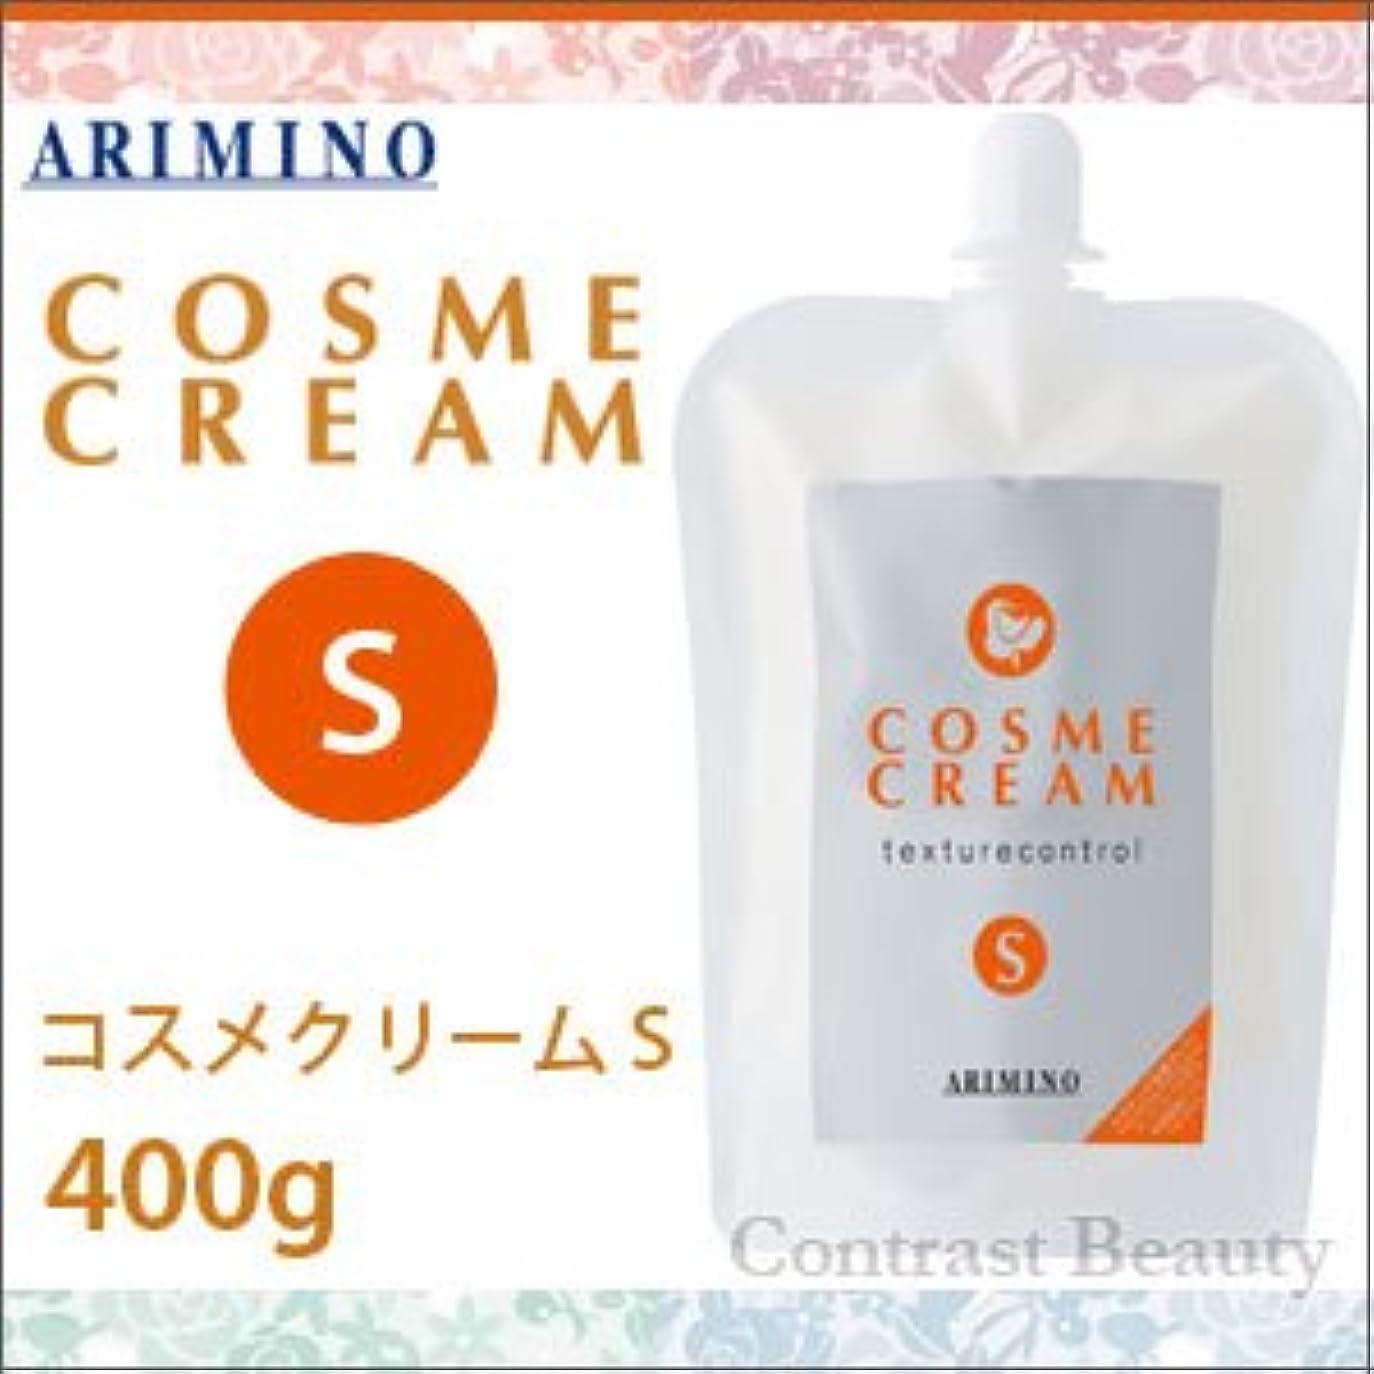 エンターテインメントドーム闘争アリミノ コスメクリーム S 400g